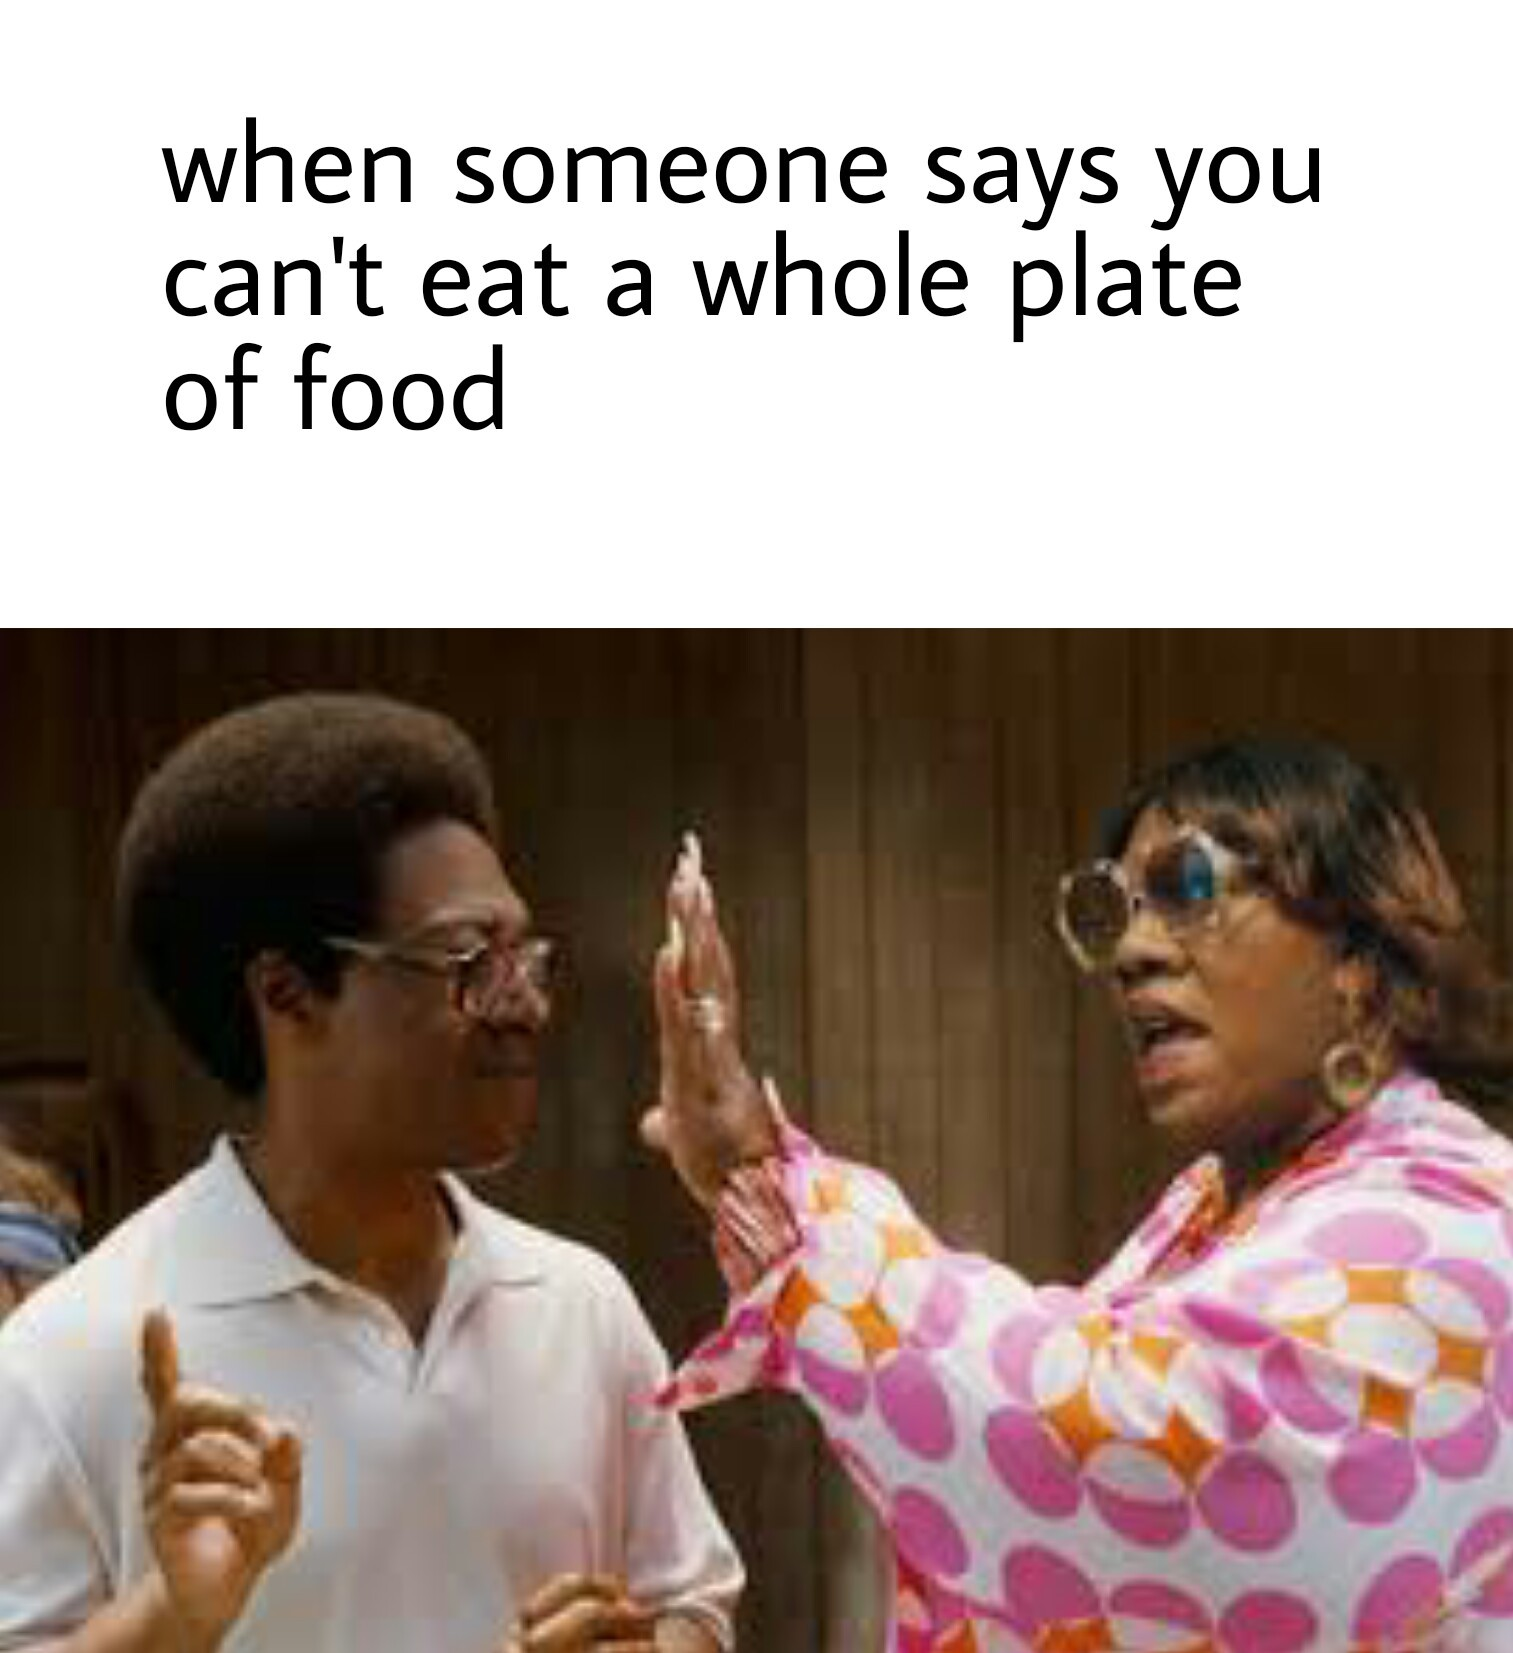 Watch me bitch - meme